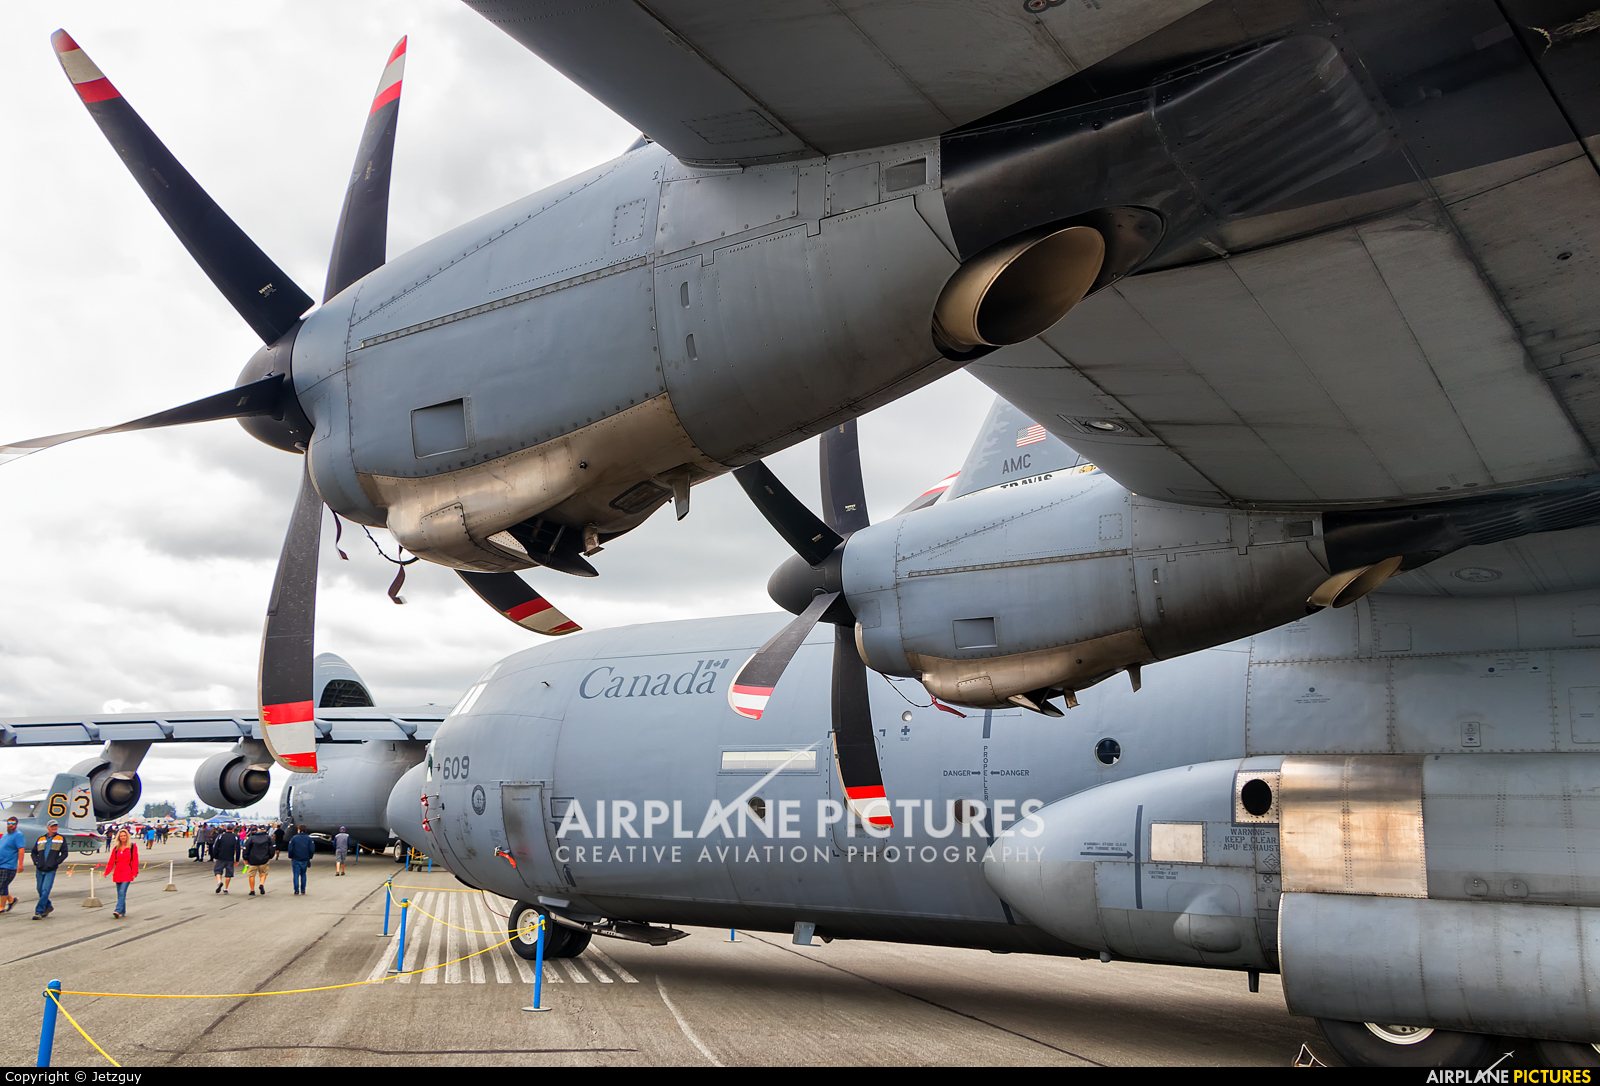 Canada - Air Force 130609 aircraft at Abbotsford, BC